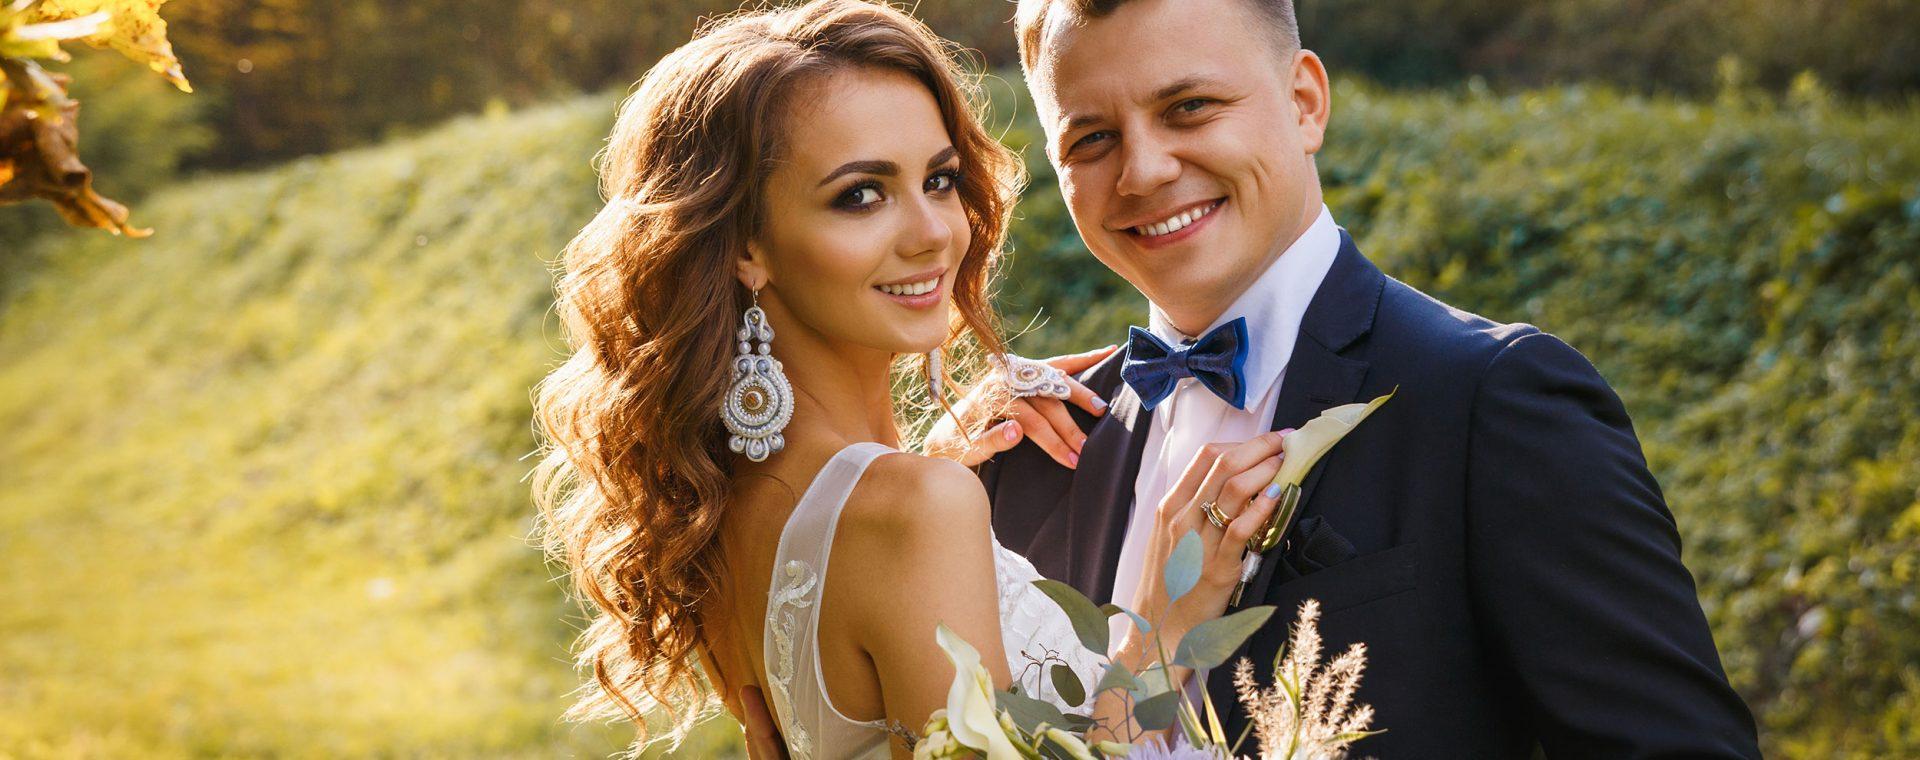 ENCUENTRA UN WEDDING PLANNER CON AVAL ABC